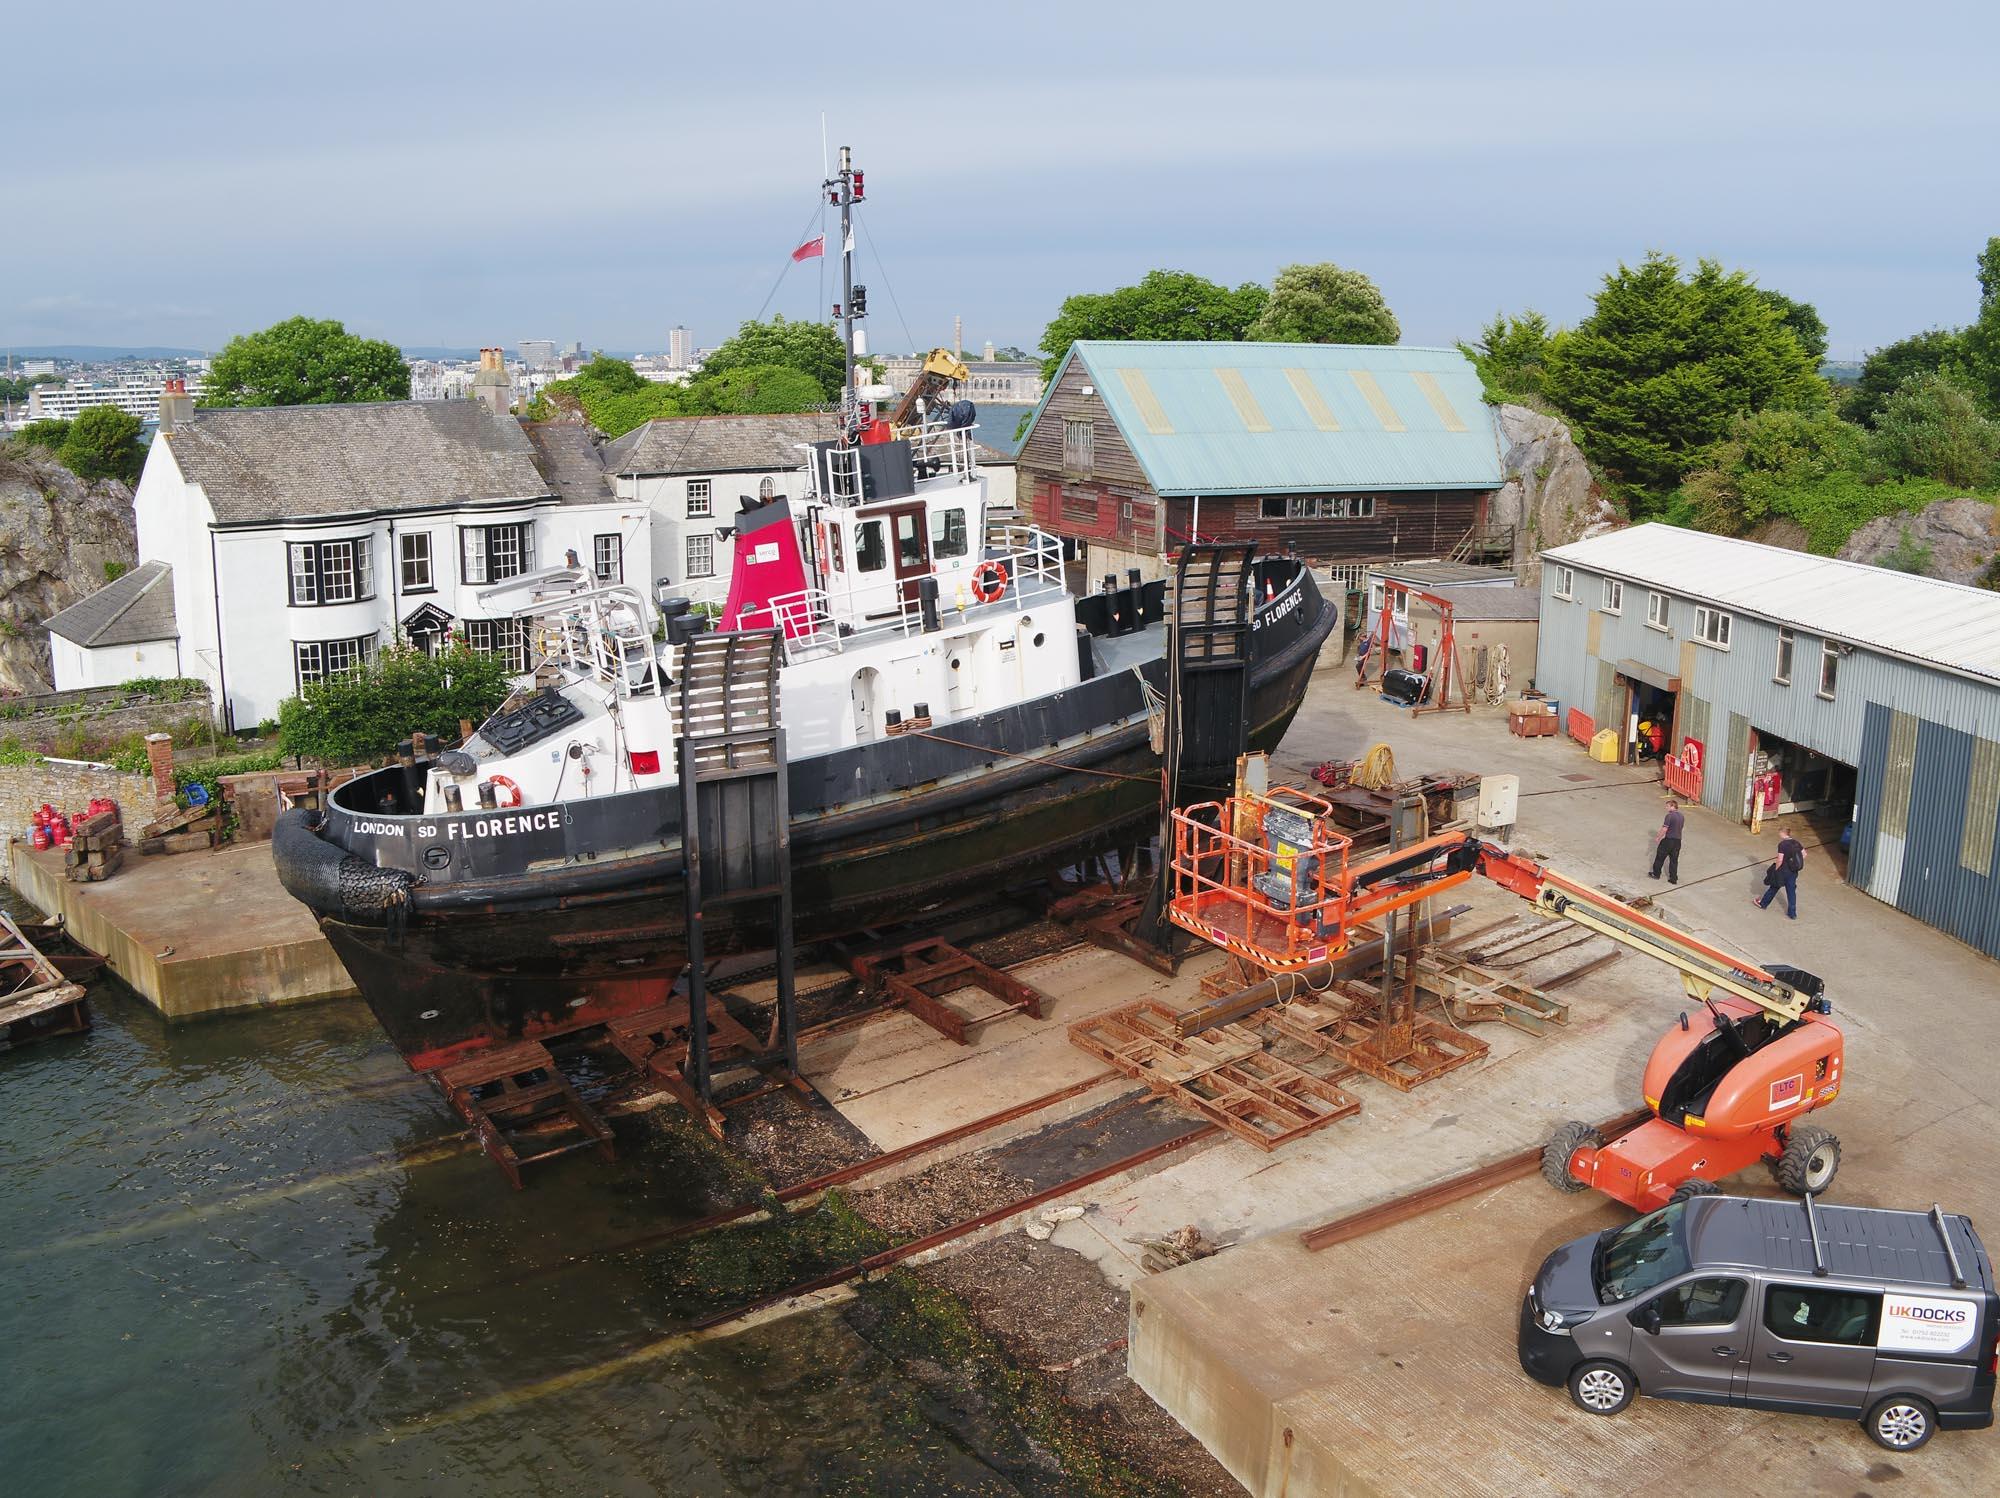 UK Docks Mashfords Boat Yard 1 LR.jpg